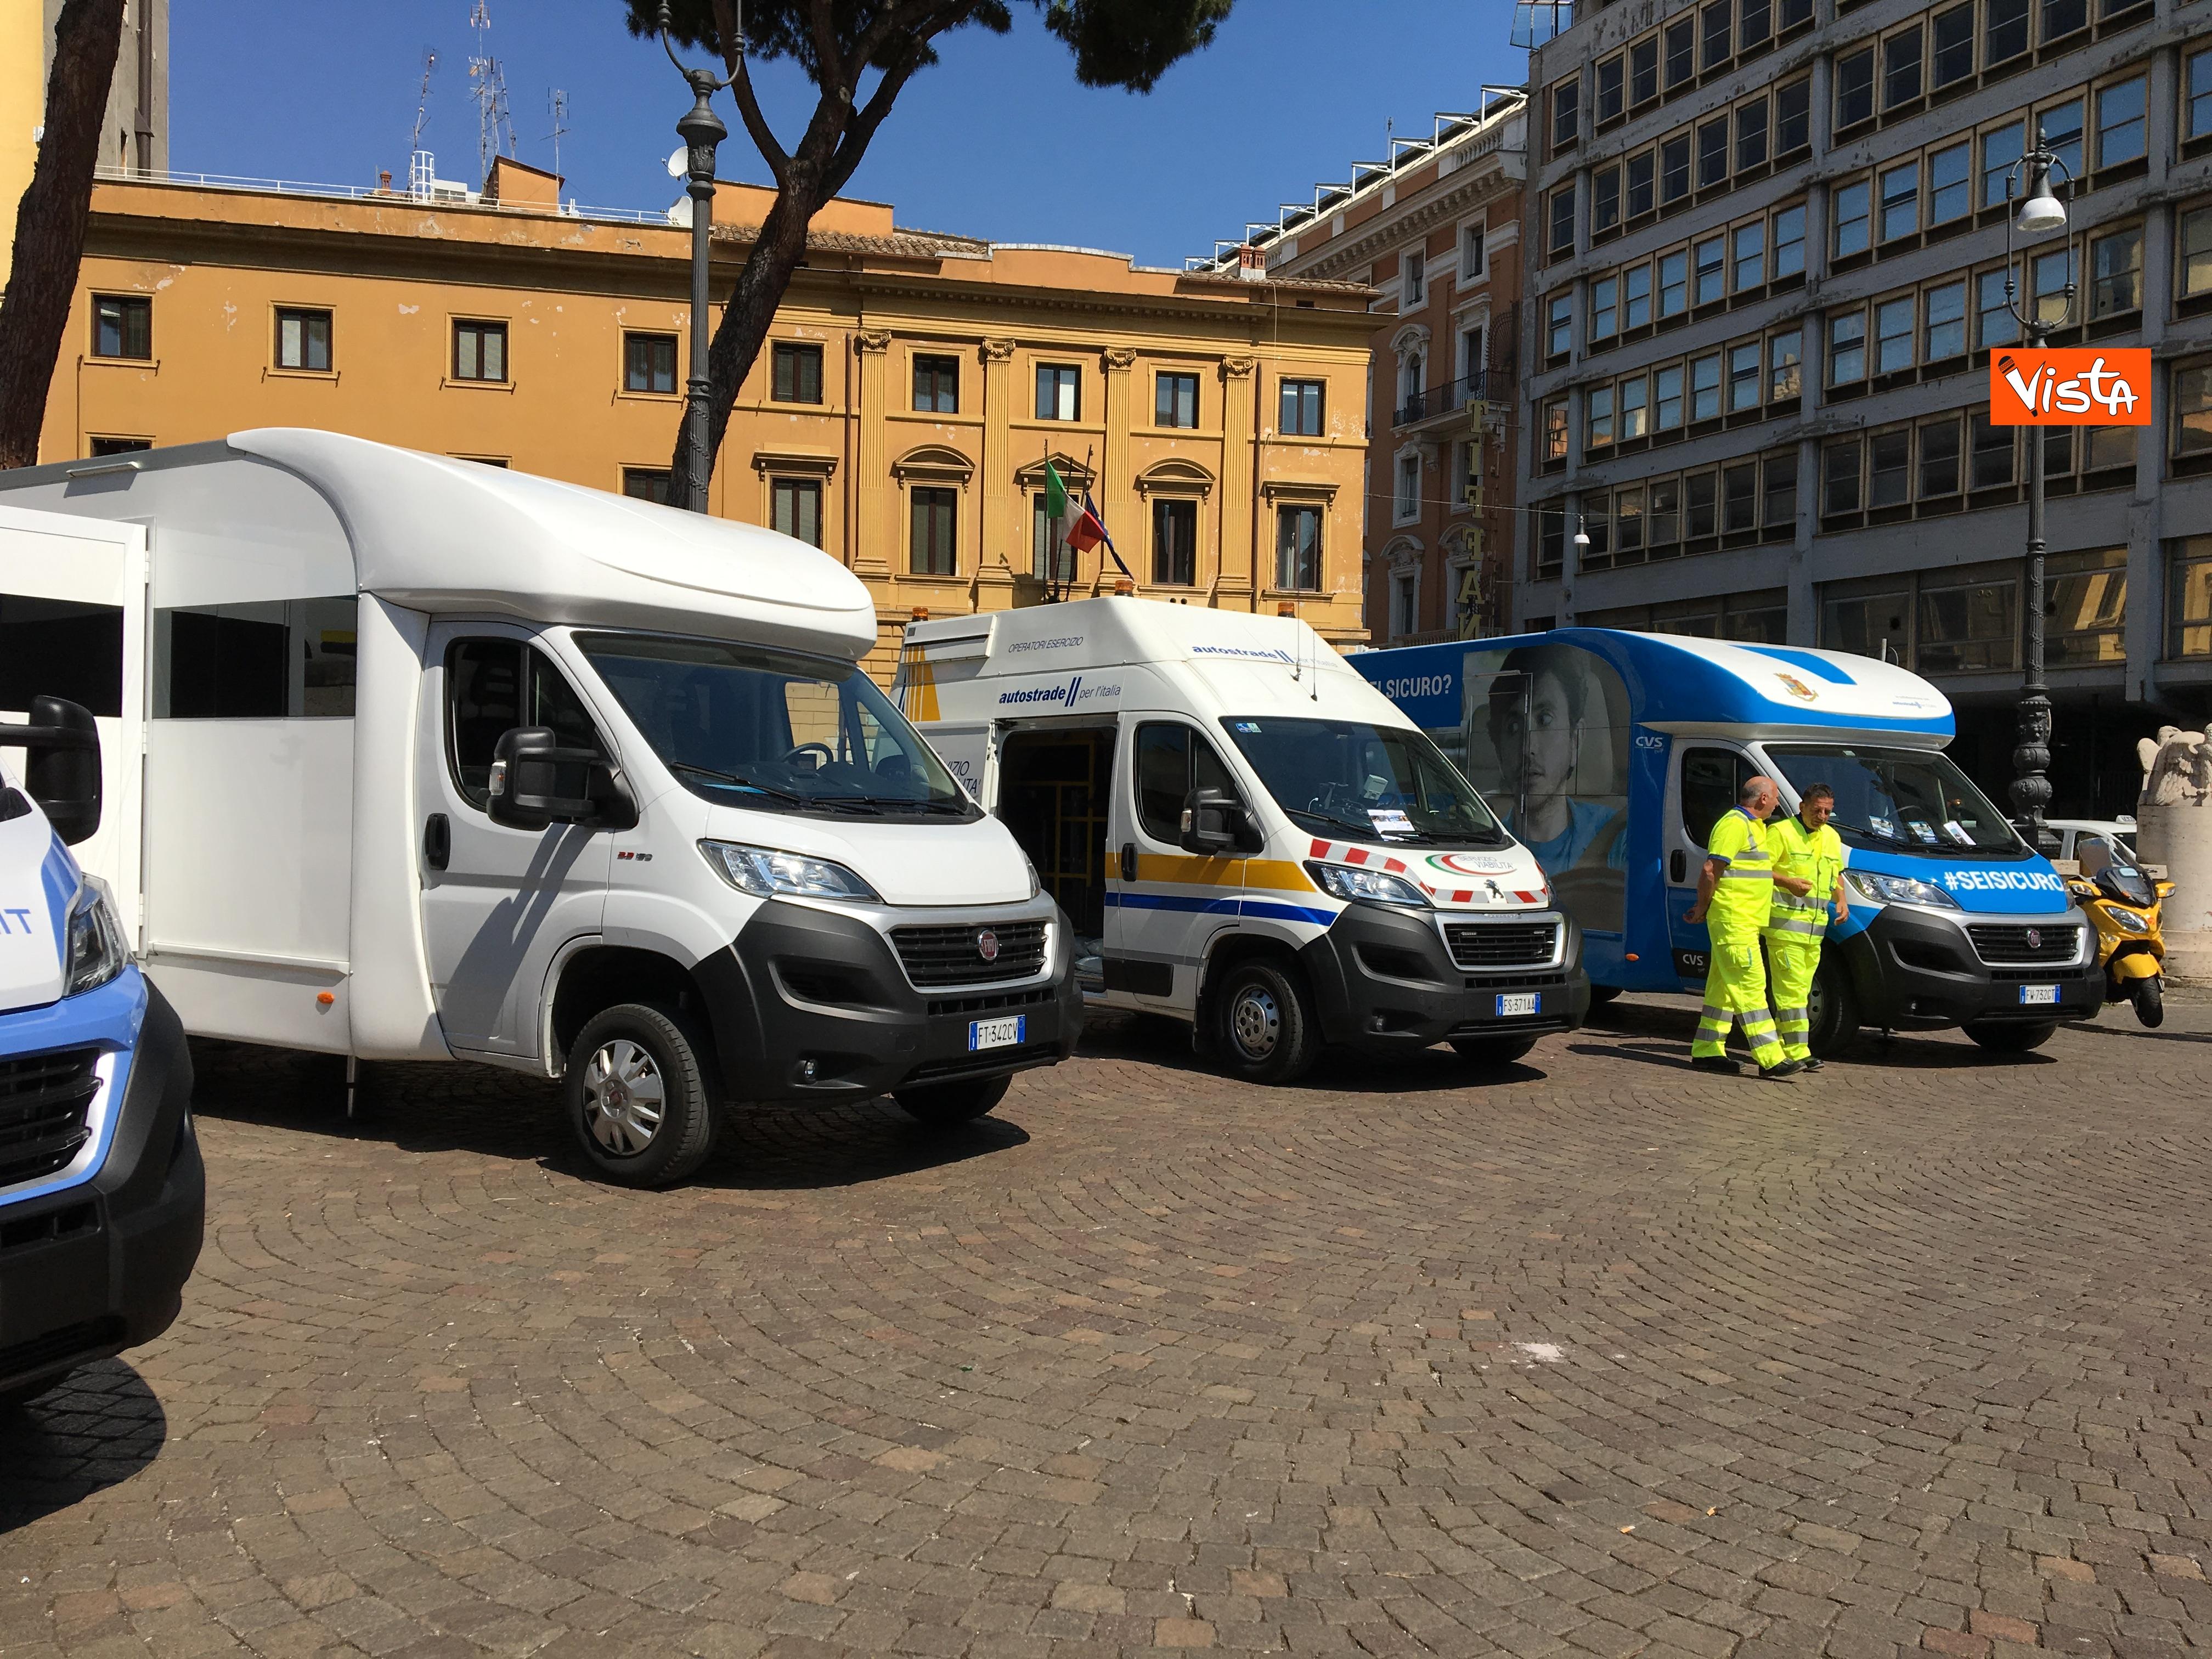 18-07-19 Viabilita Italia il piano di gestione per l esodo estivo presentato al Viminale immagini_02